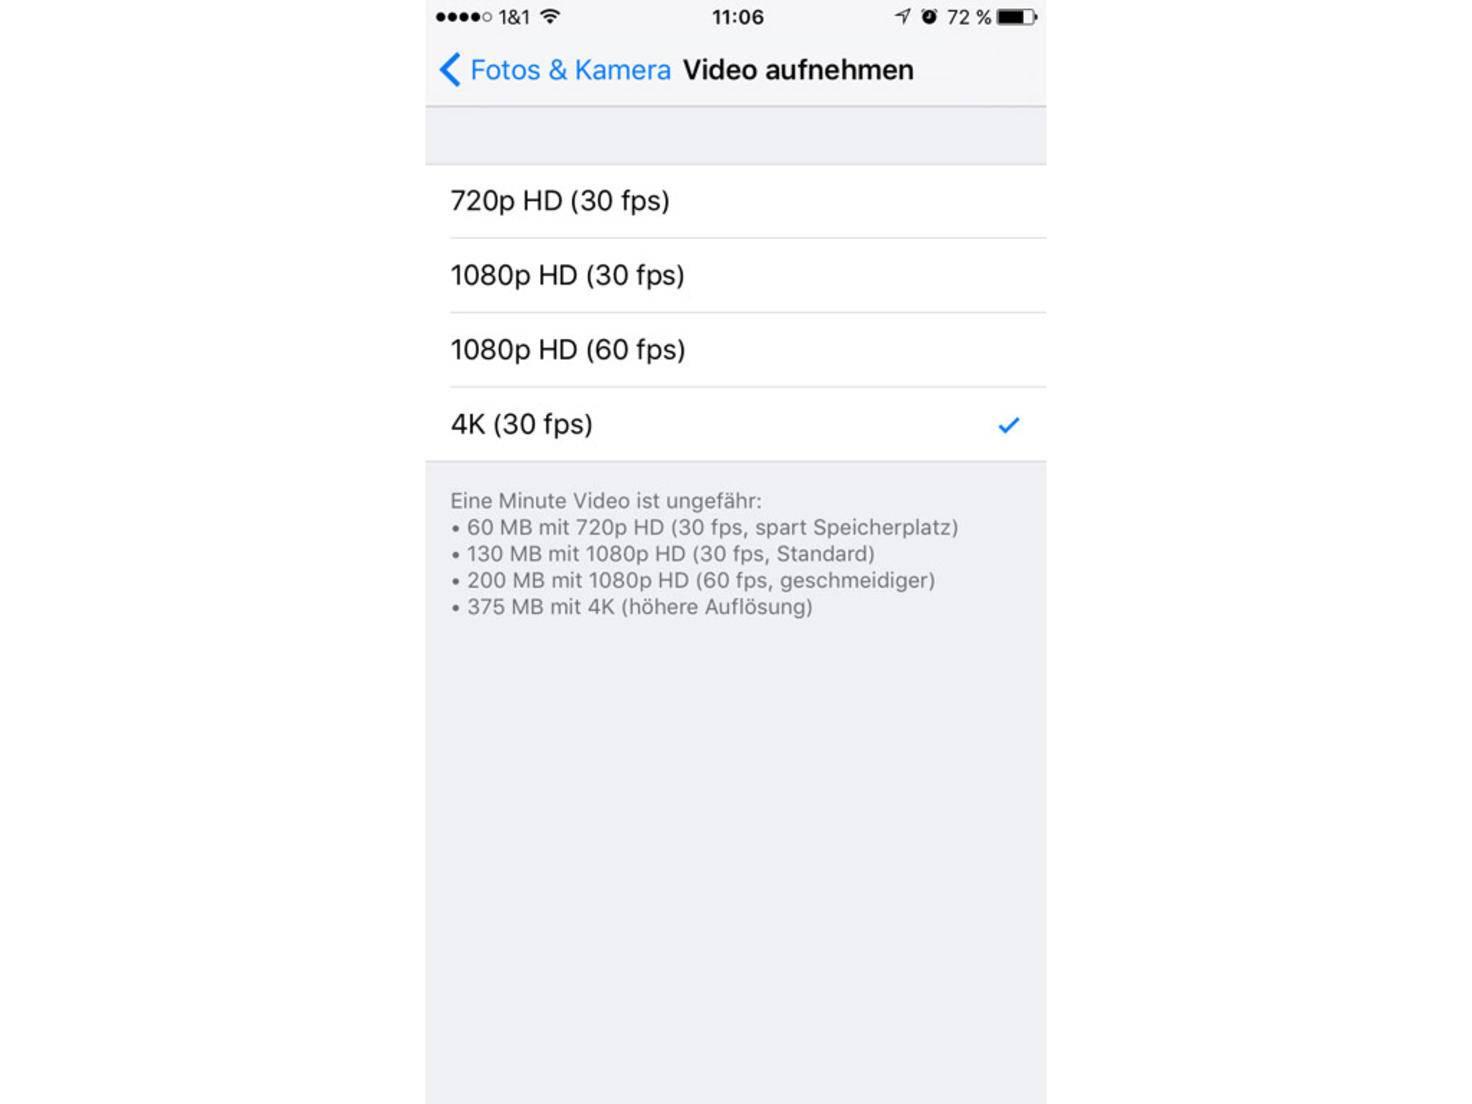 Zuallererst muss in den Einstellungen 4K (30 fps) ausgewählt werden.